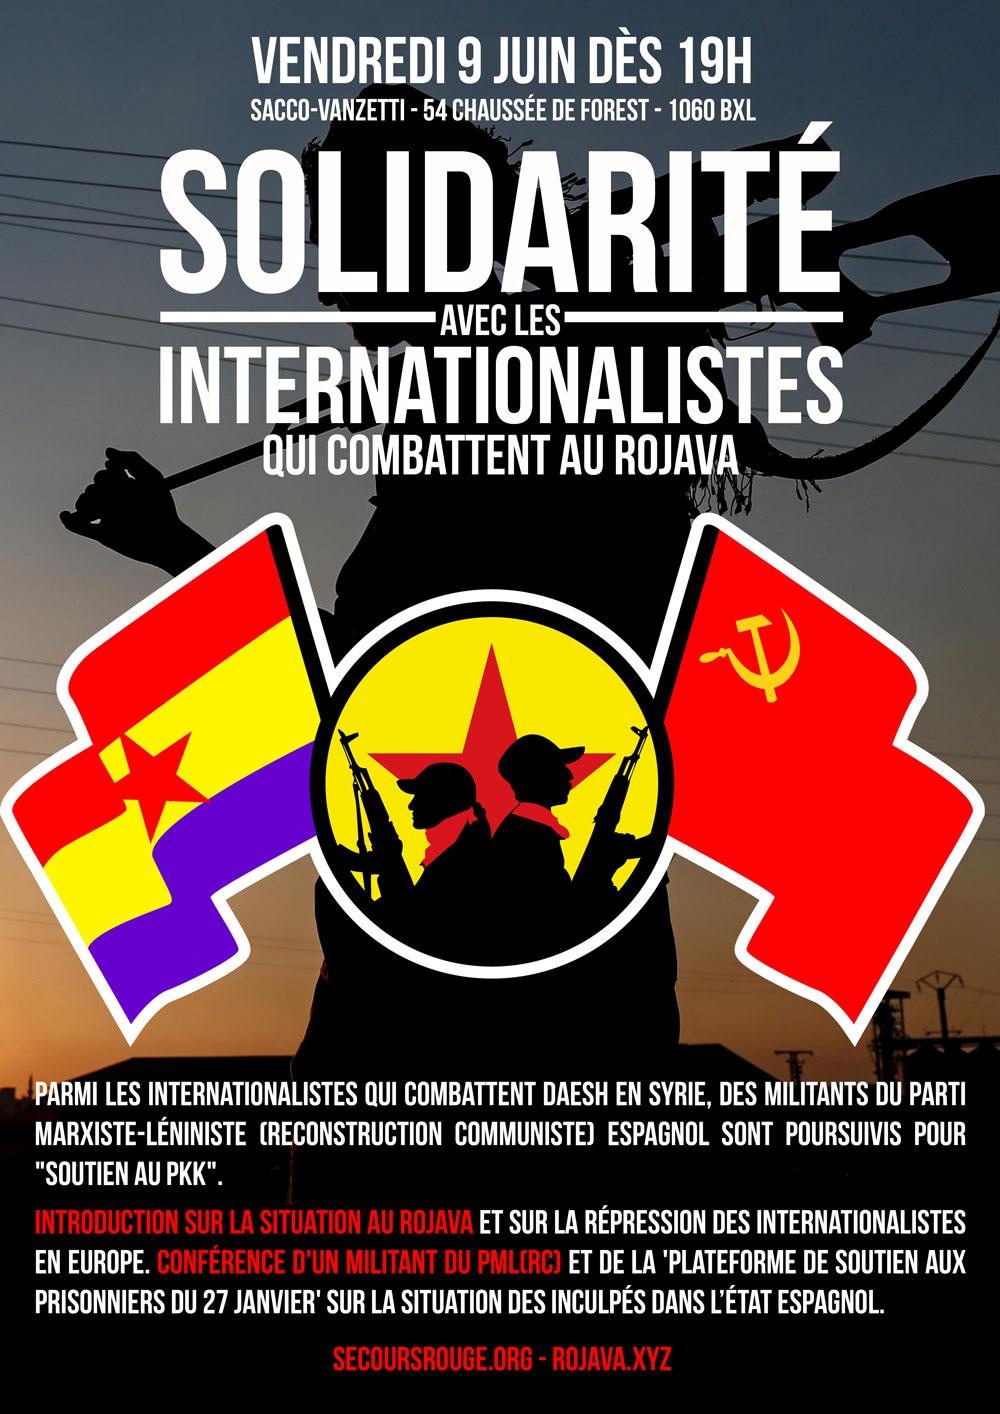 Soirée de soutien aux internationalistes espagnols réprimés pour leur engagement au Rojava